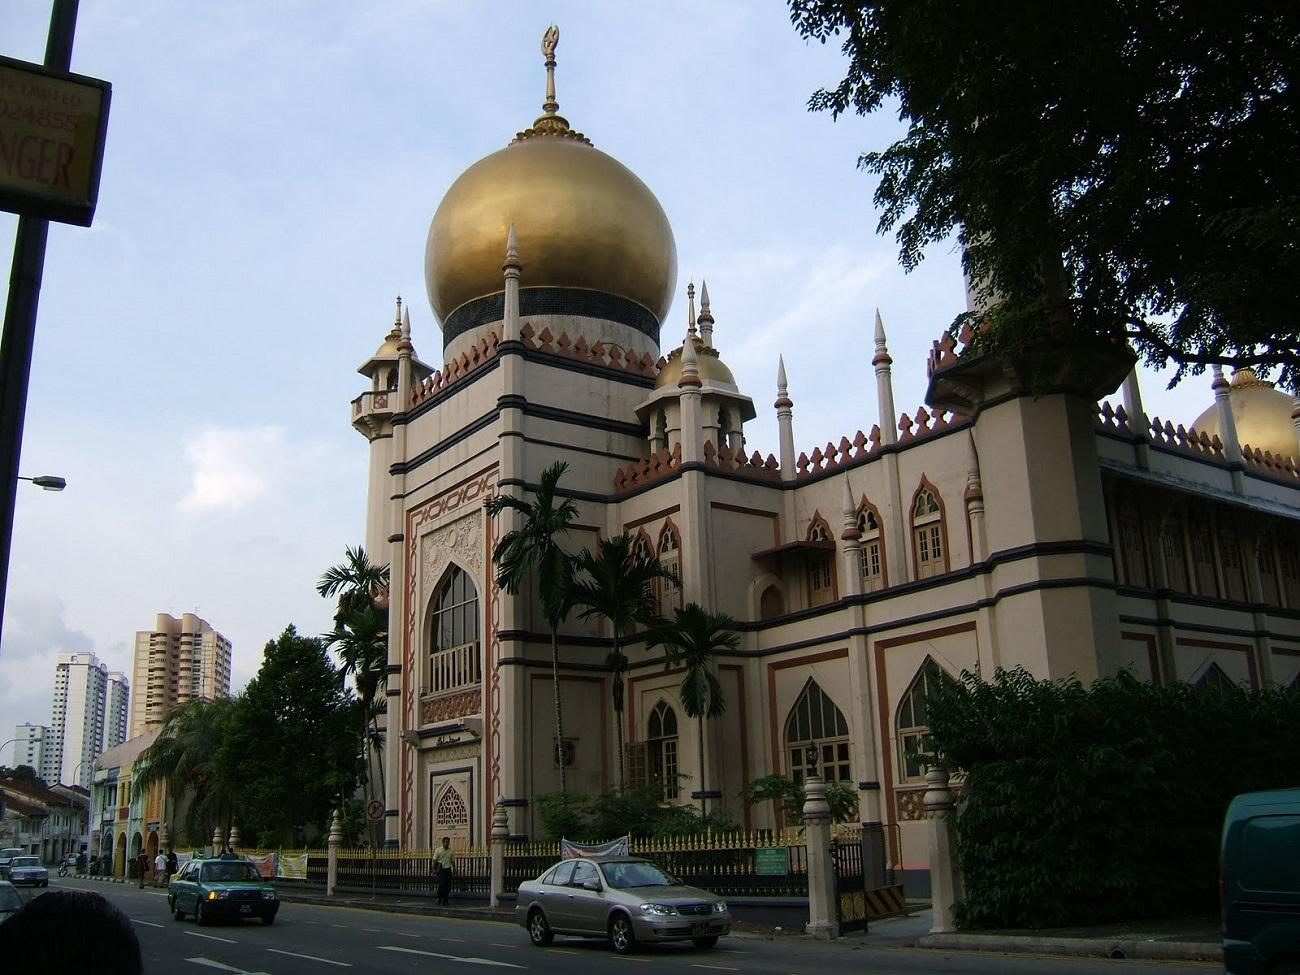 Moscheea Sultan, Singapore